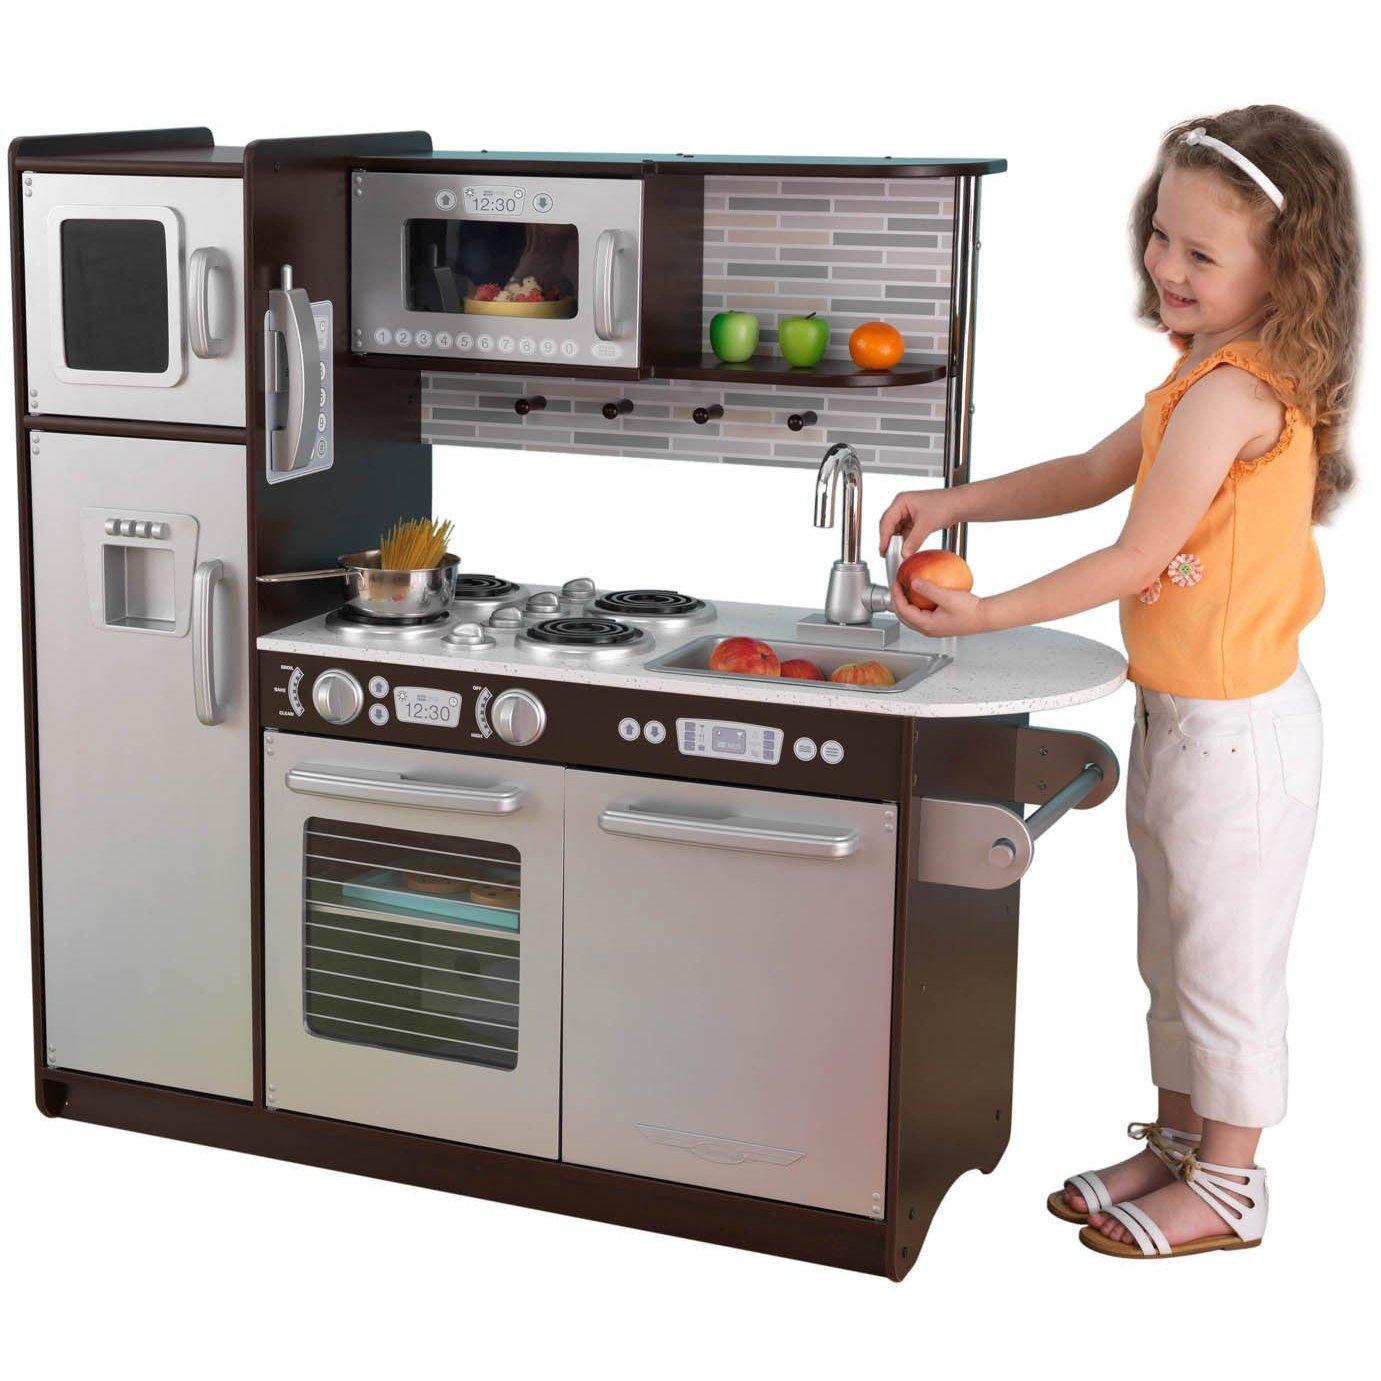 Best Kidkraft Espresso Kitchen Review Bestbuy Kidkraft Espresso Kitchen Review For Kid